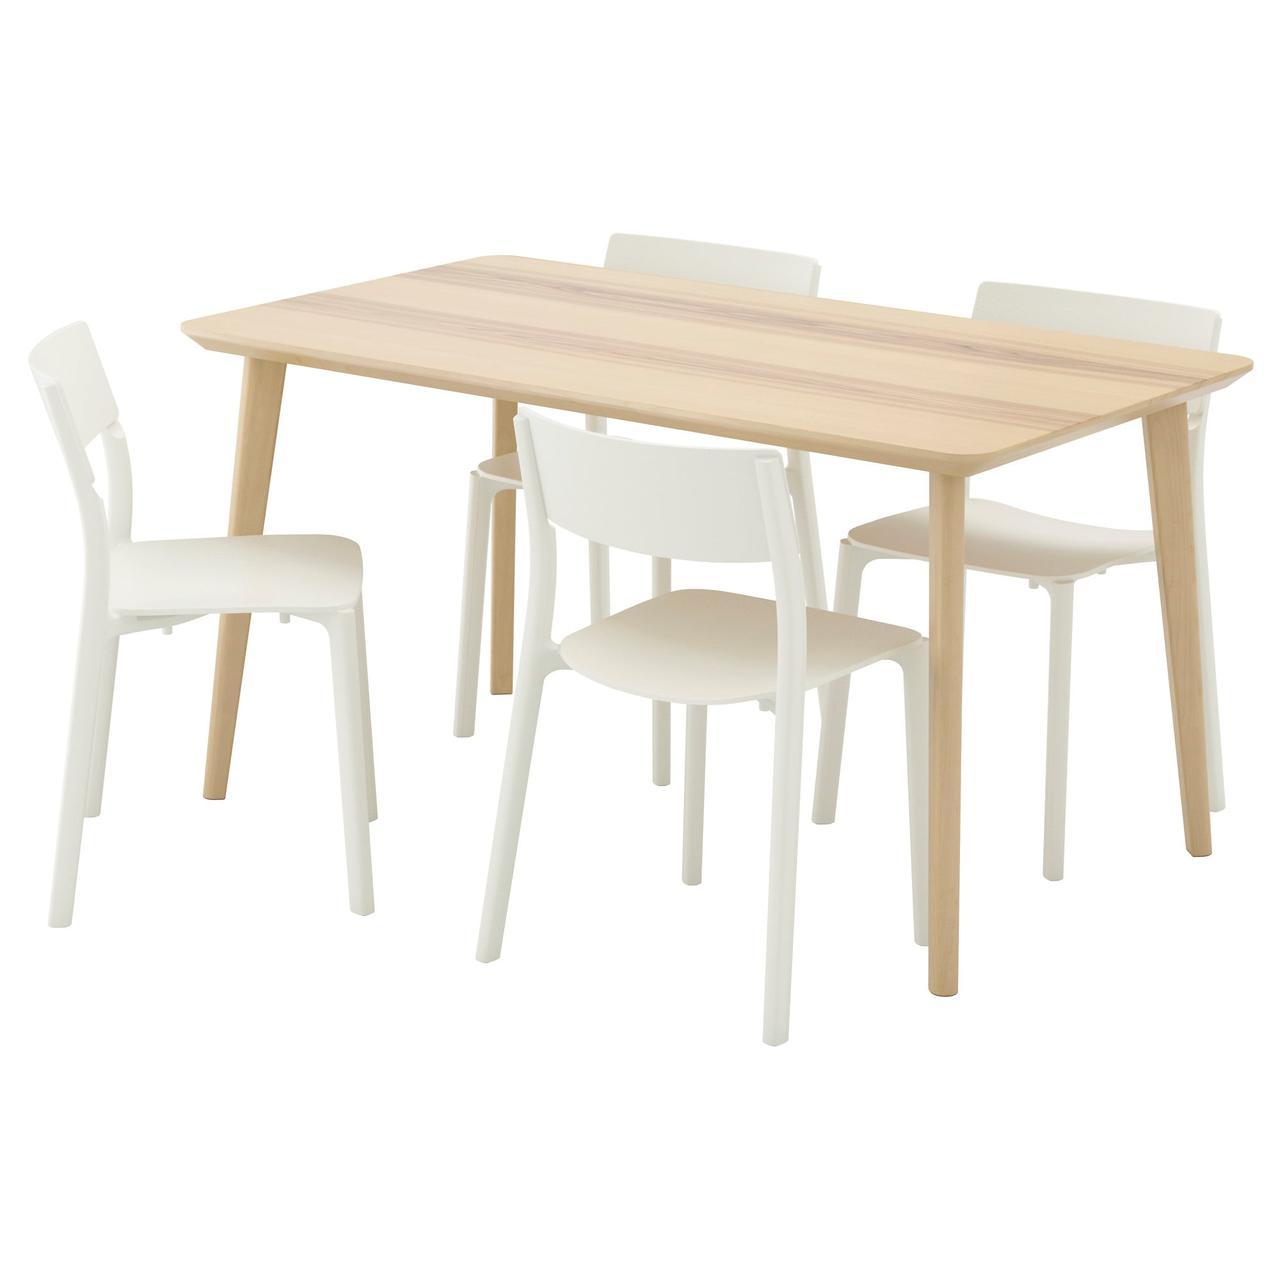 ЛИСАБО / ЯН-ИНГЕ Стол и 4 стула, ясеневый шпон, белый